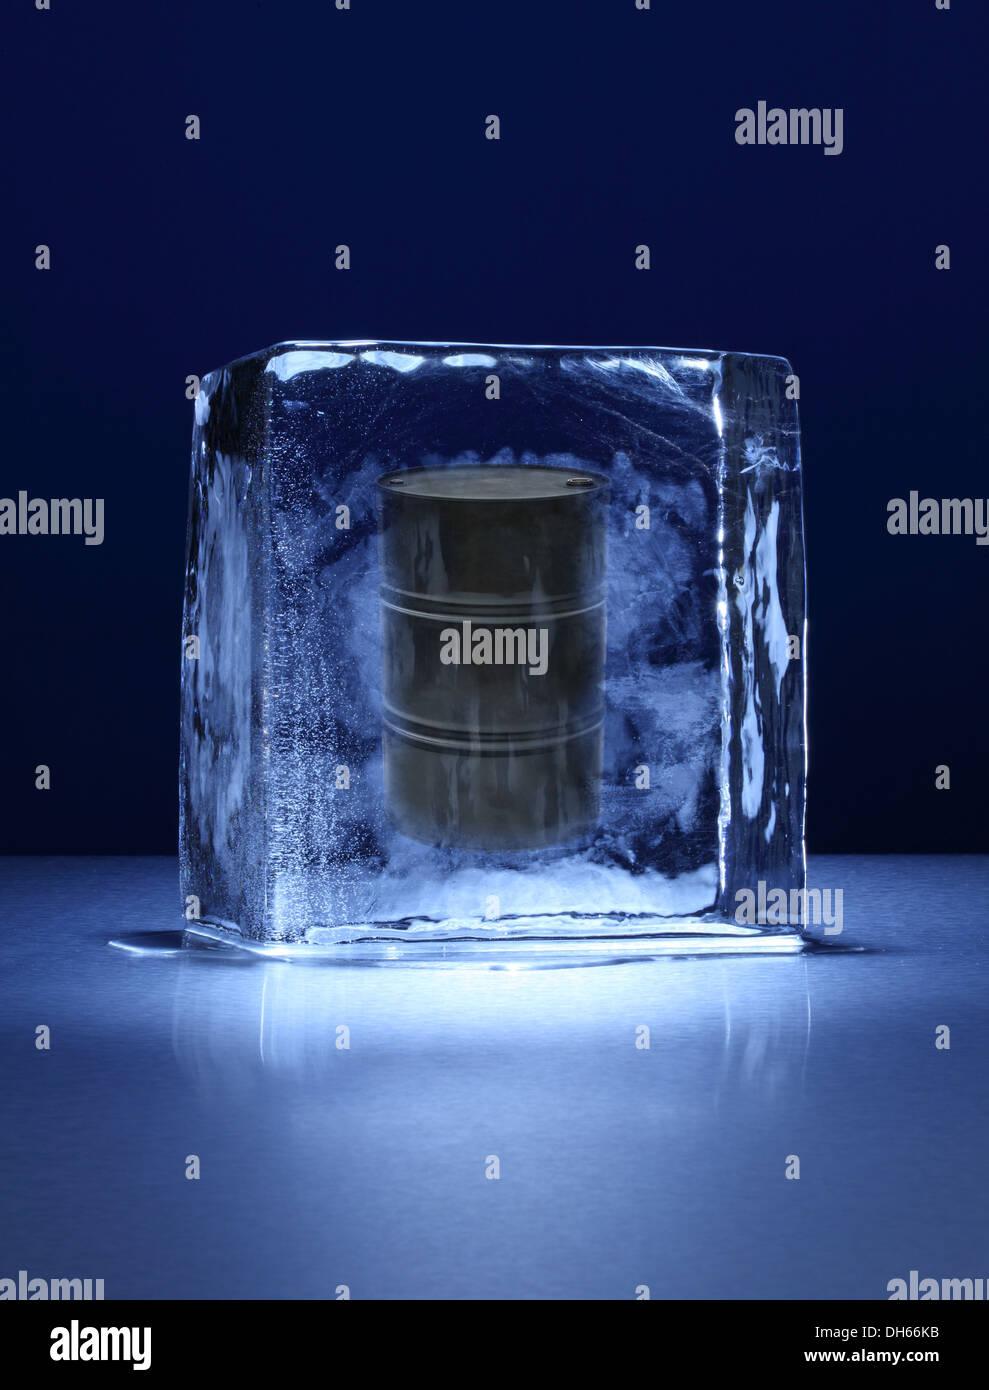 Ein schwarzes Öl-Fass in einem klaren Eisblock eingefroren Stockbild